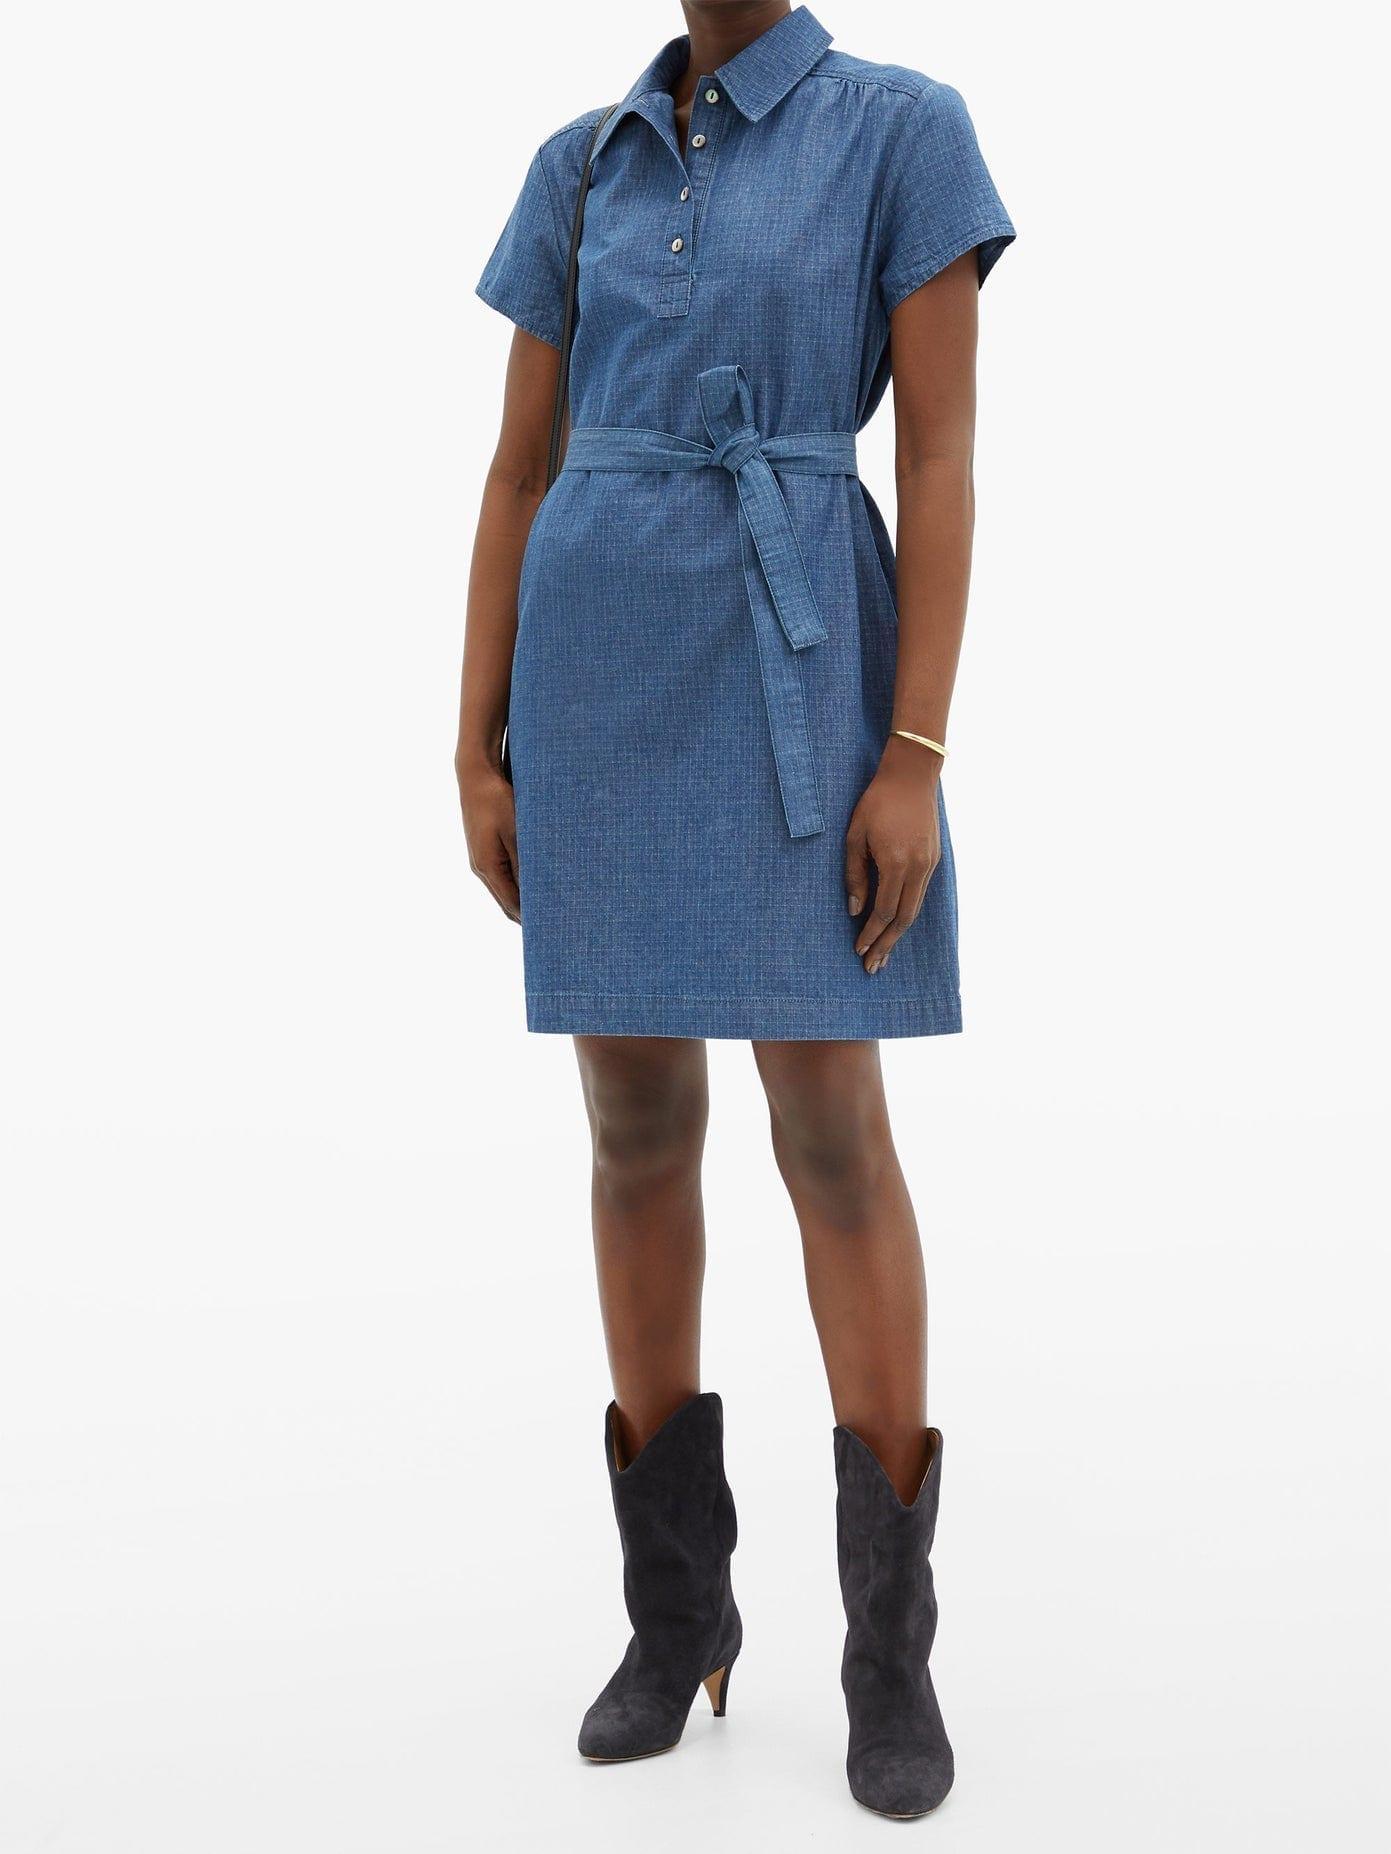 A.P.C. Prudence Belted Denim Mini Dress